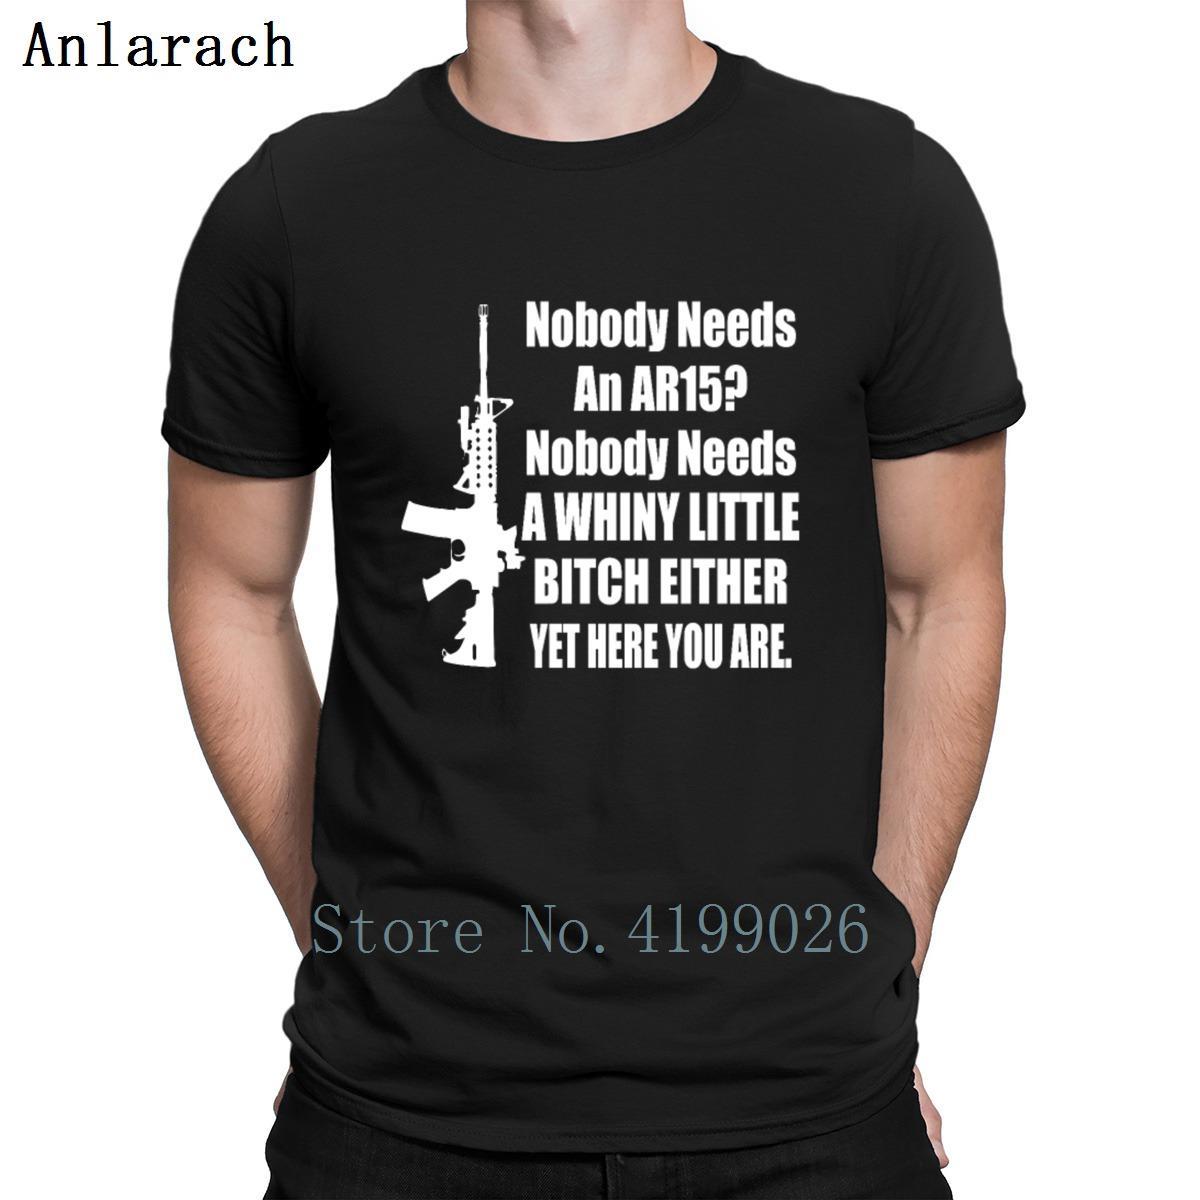 Personne n'a besoin d'un drôle Ar15 Gun Gun shirt T-shirt tricotée Le nouveau été 2019 Hommes Streetwear shirt à manches courtes Pop Top Tee